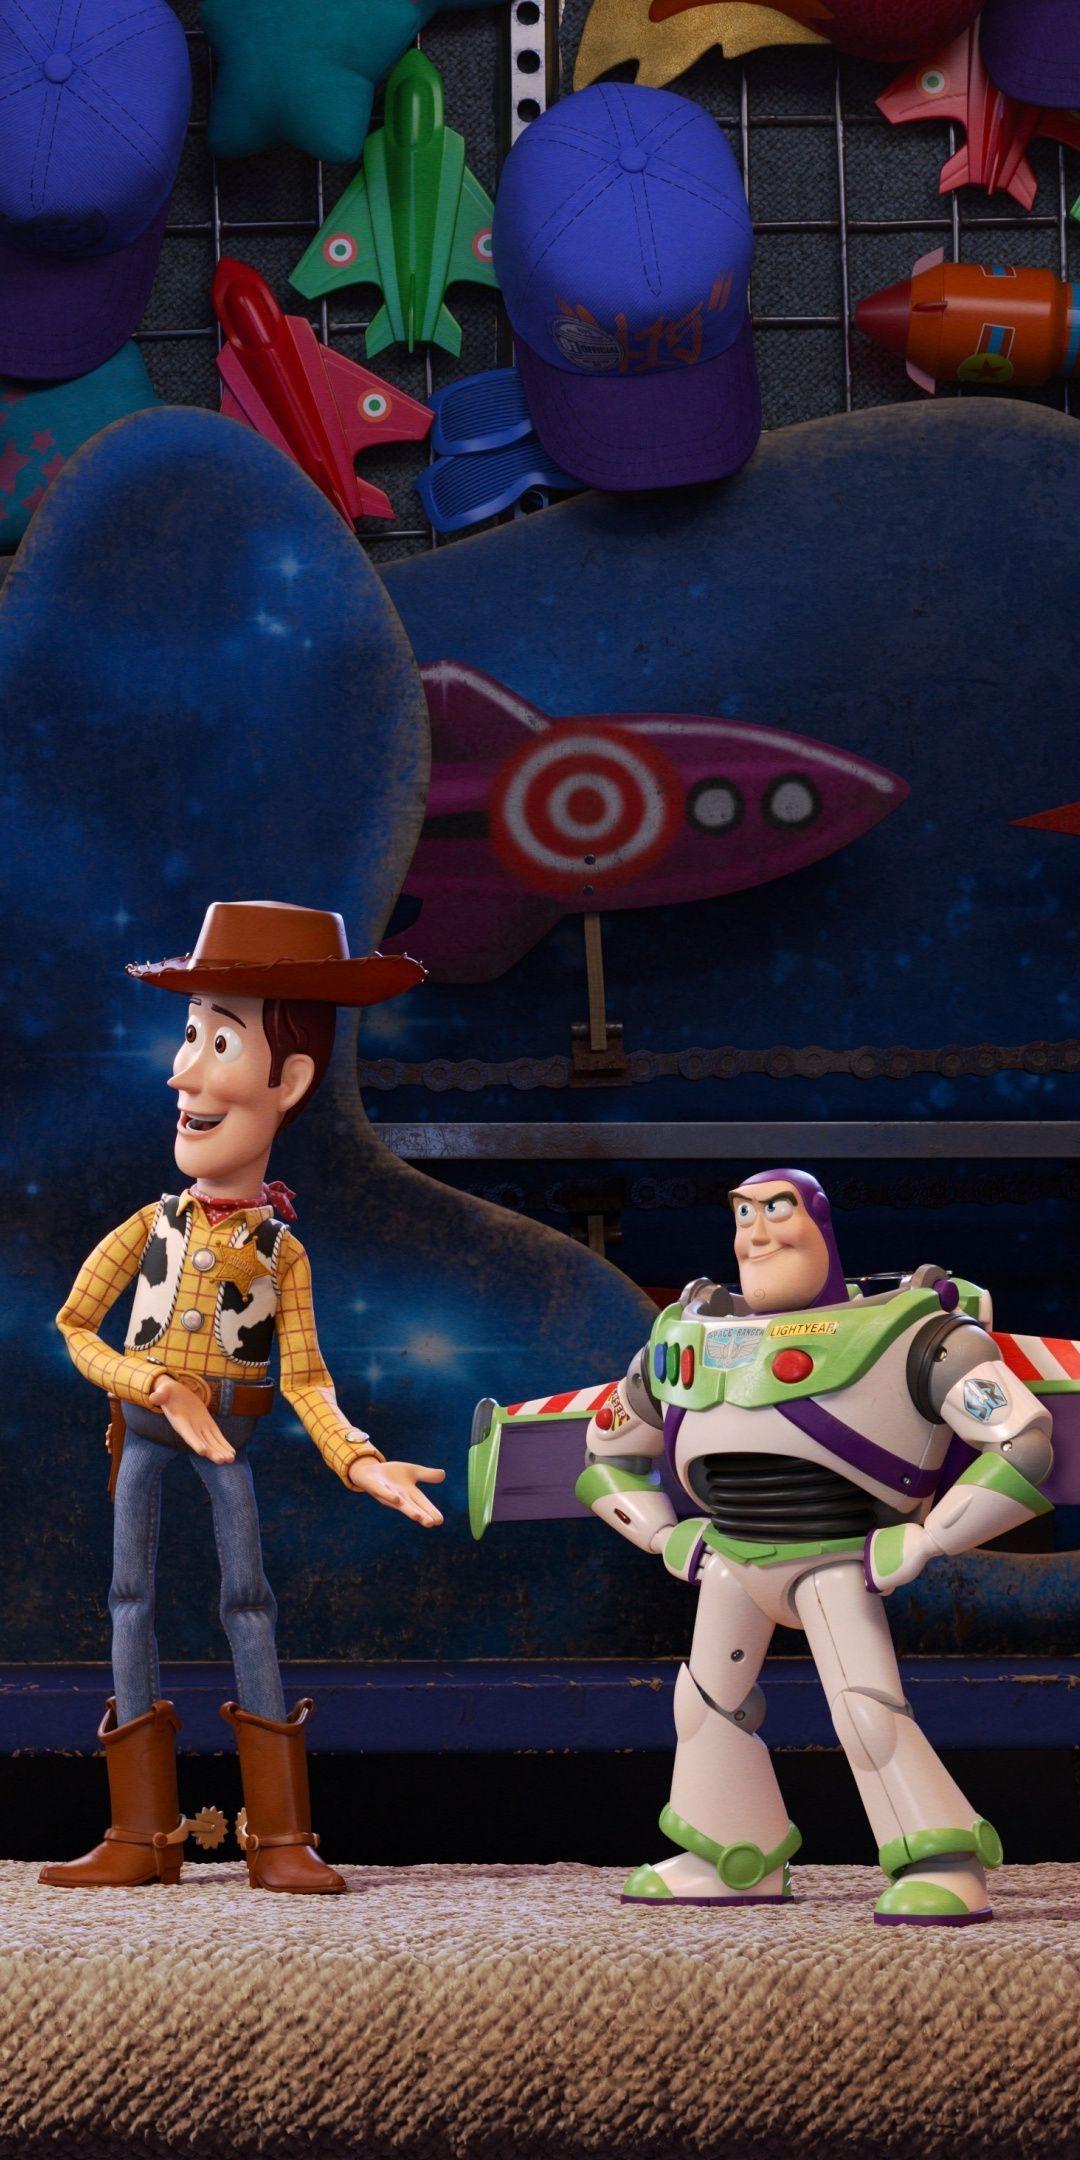 Toy Story 4, Woody, Buzz Lightyear, animation movie, 2019